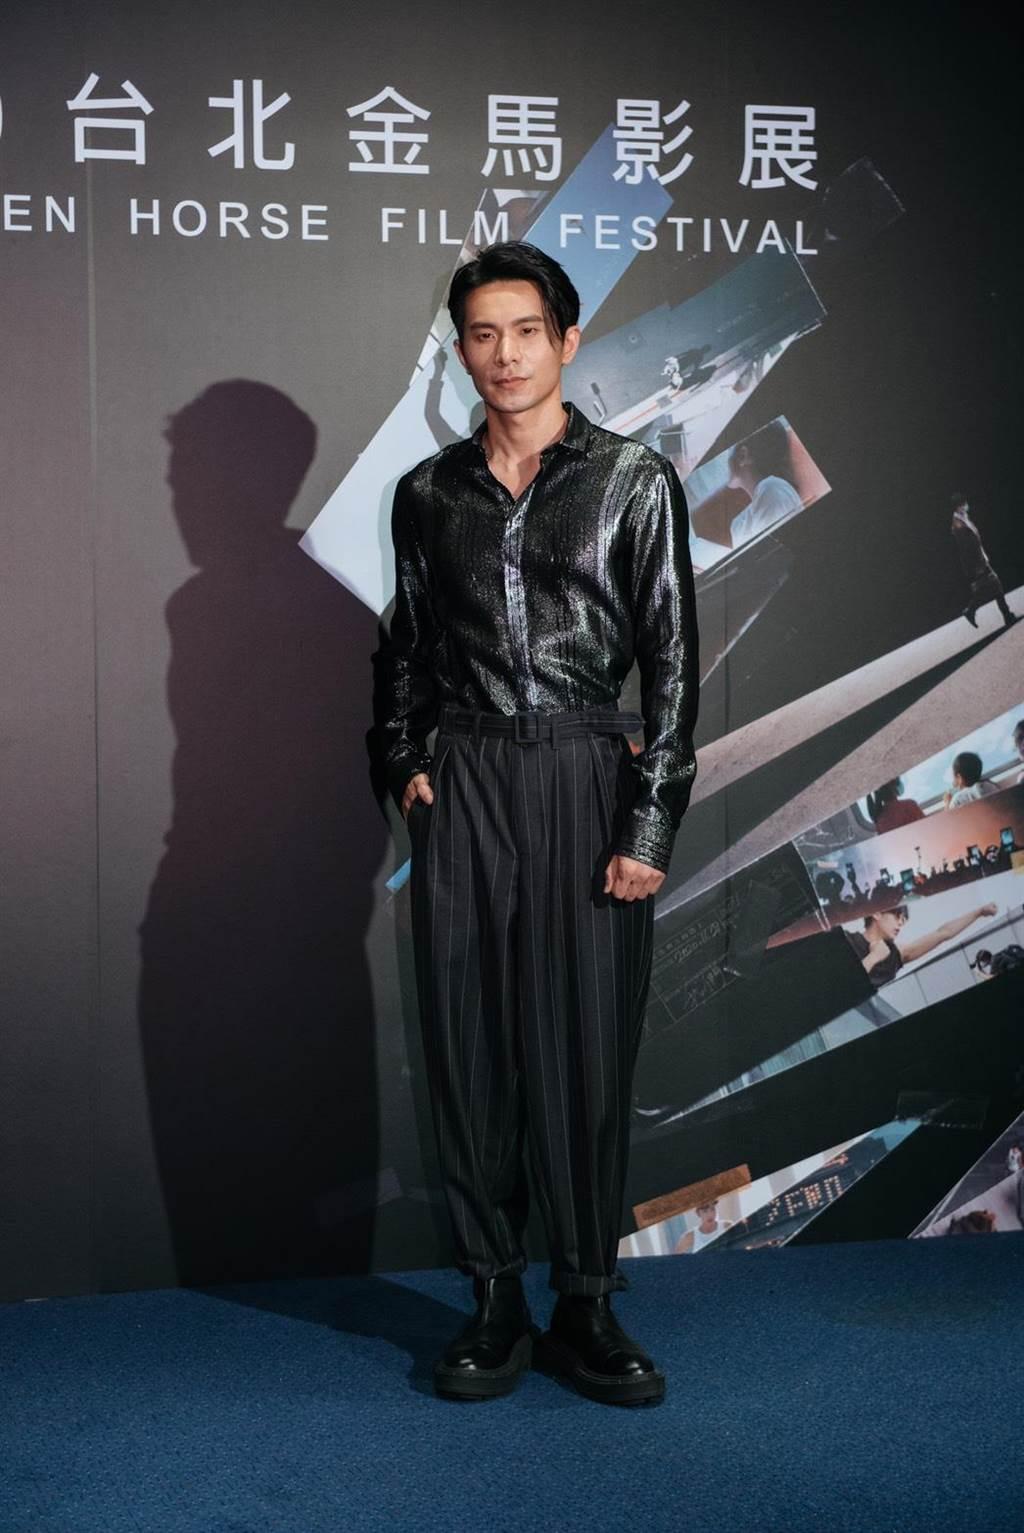 姚淳耀在戏中饰演诗社指导老师。(金马执委会提供)